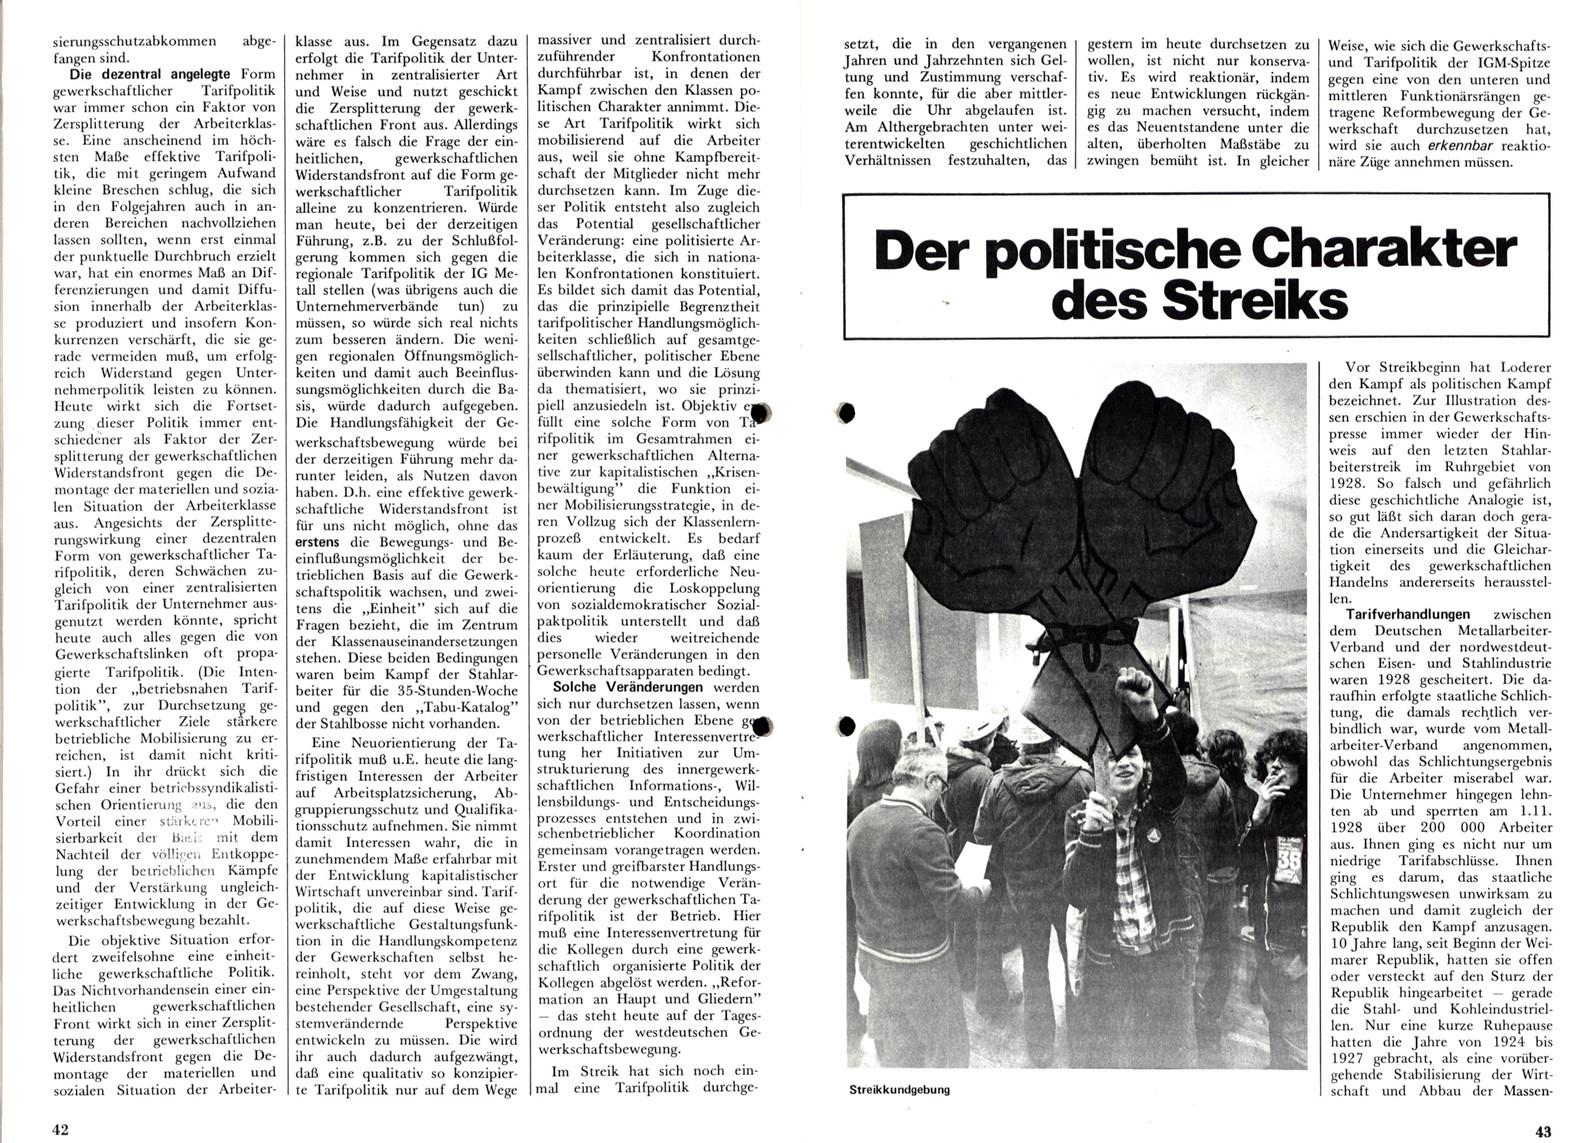 Bonn_RZ_20_19790200_22